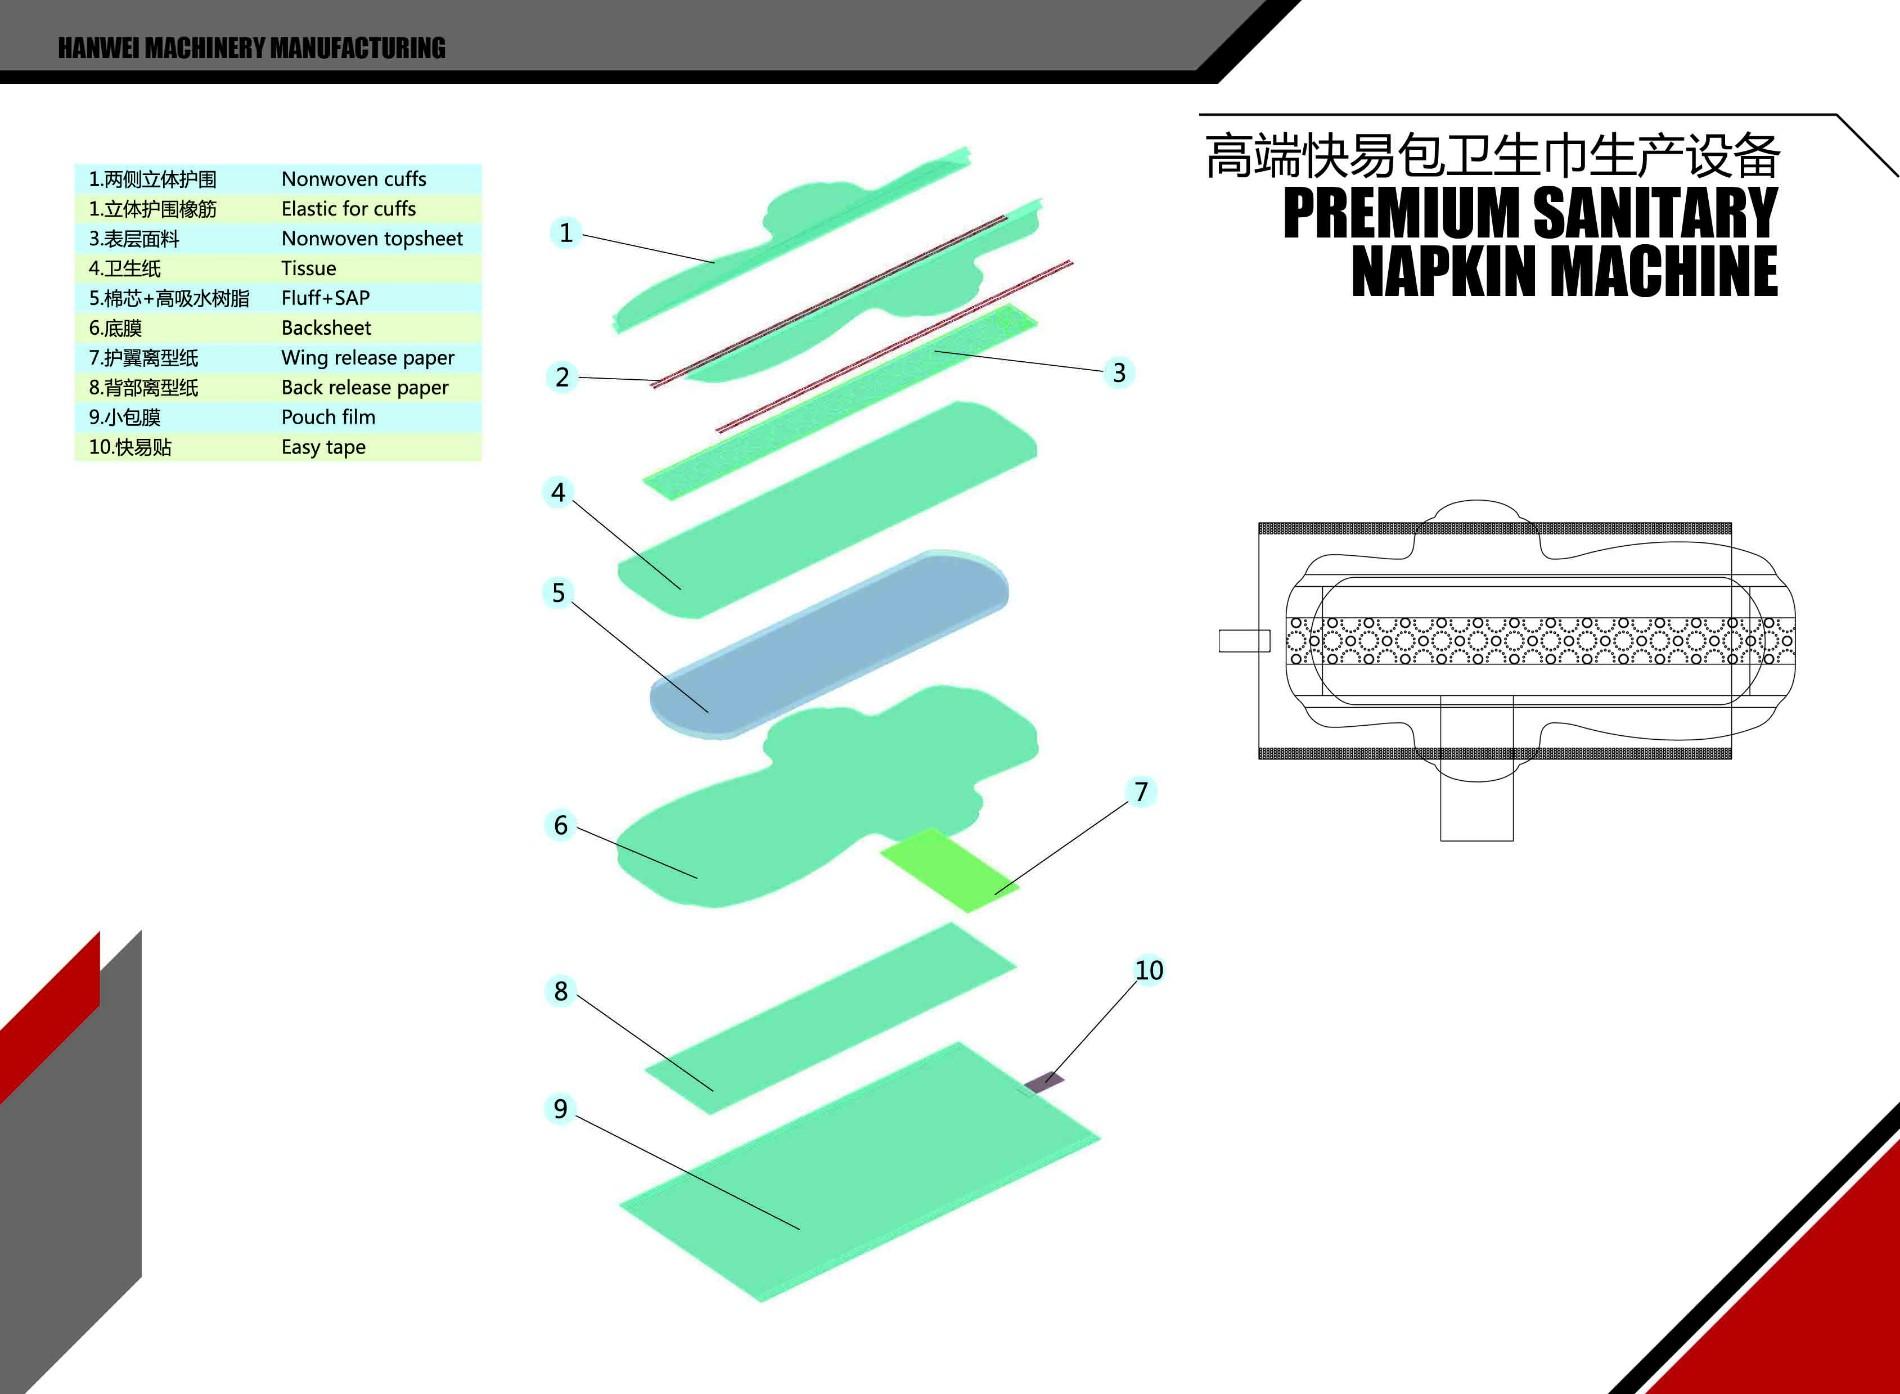 High quality Sanitary Napkin Machine Quotes,China Sanitary Napkin Machine Factory,Sanitary Napkin Machine Purchasing